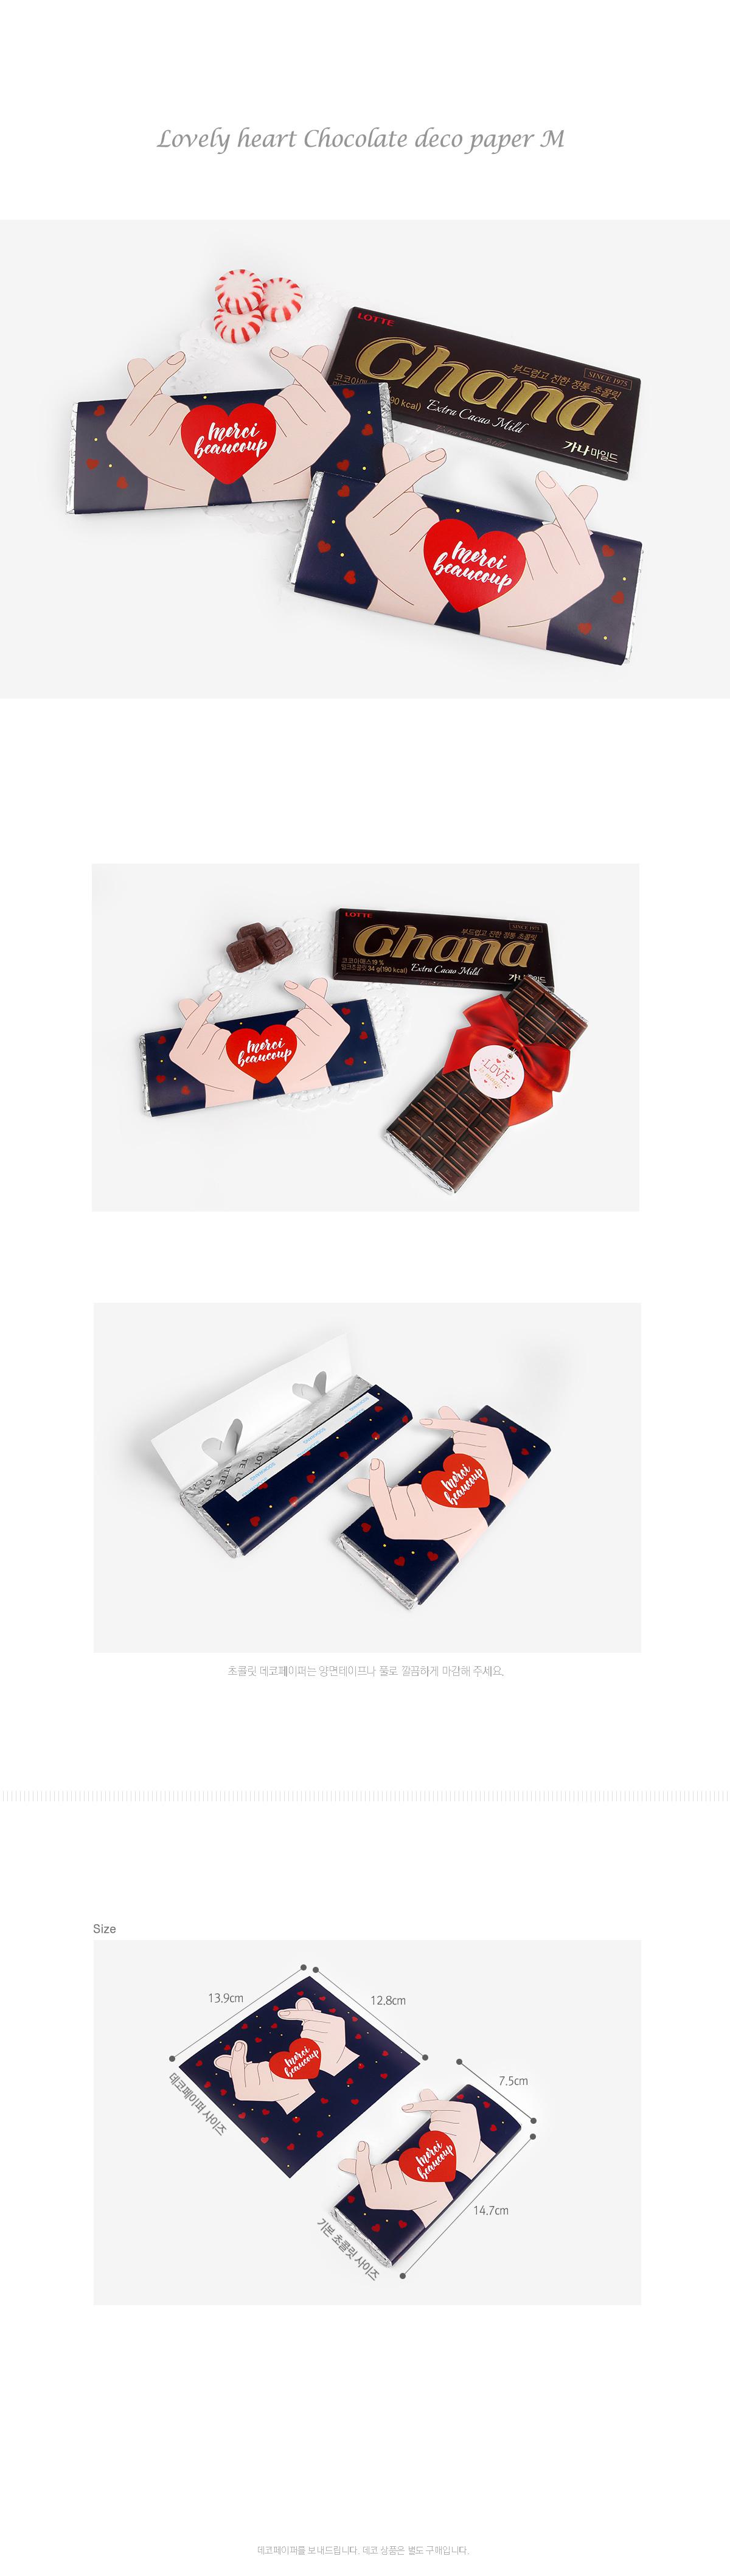 러블리 하트 초콜릿 데코페이퍼 중 (10개) - 인디고샵, 2,500원, 리본/포장소품, 타이/택